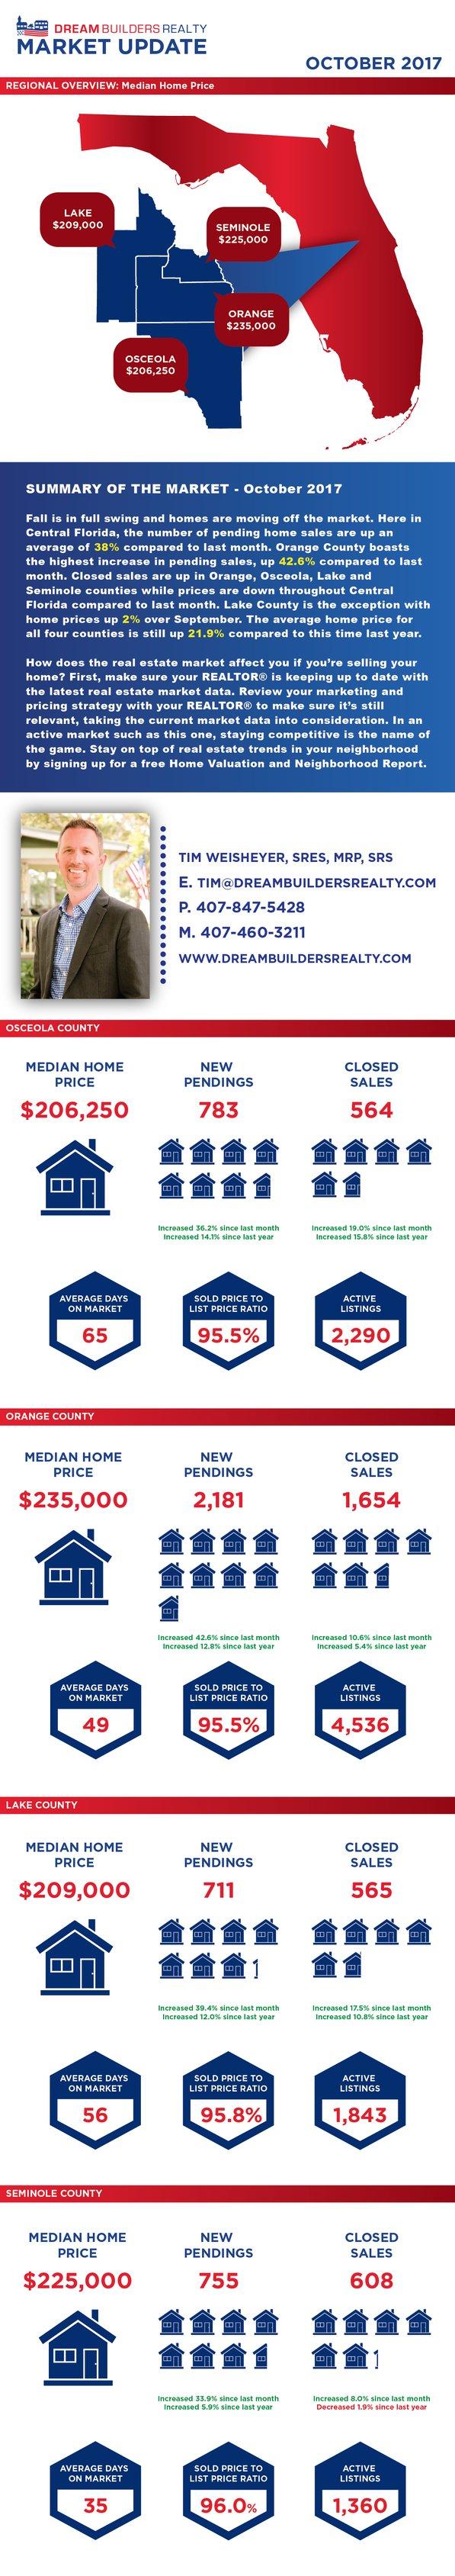 DBR-Central-Florida-Real-Estate-Market-Data-October-01.png